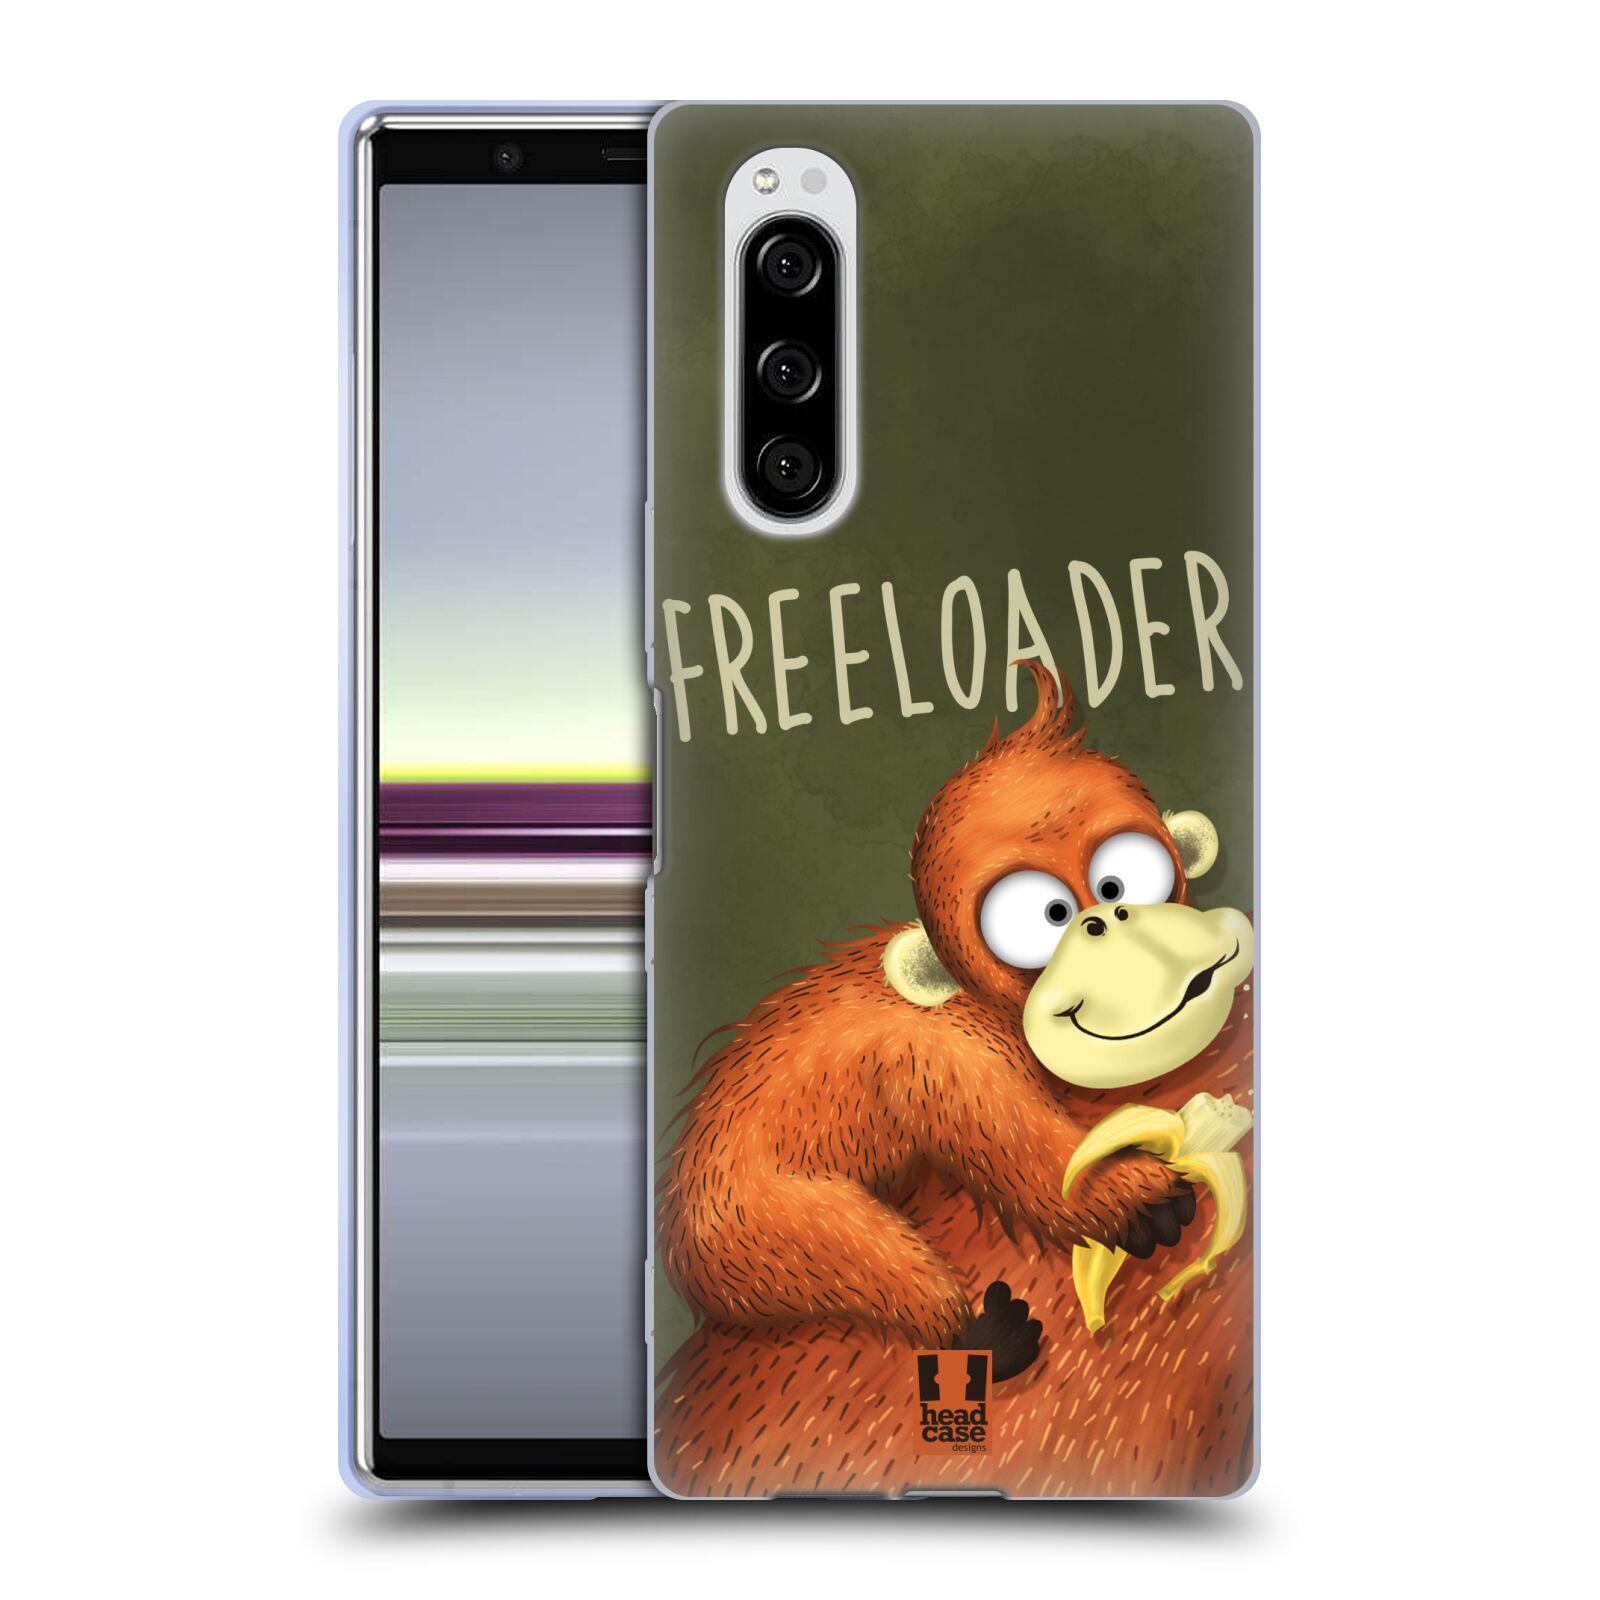 Silikonové pouzdro na mobil Sony Xperia 5 - Head Case - Opičák Freeloader